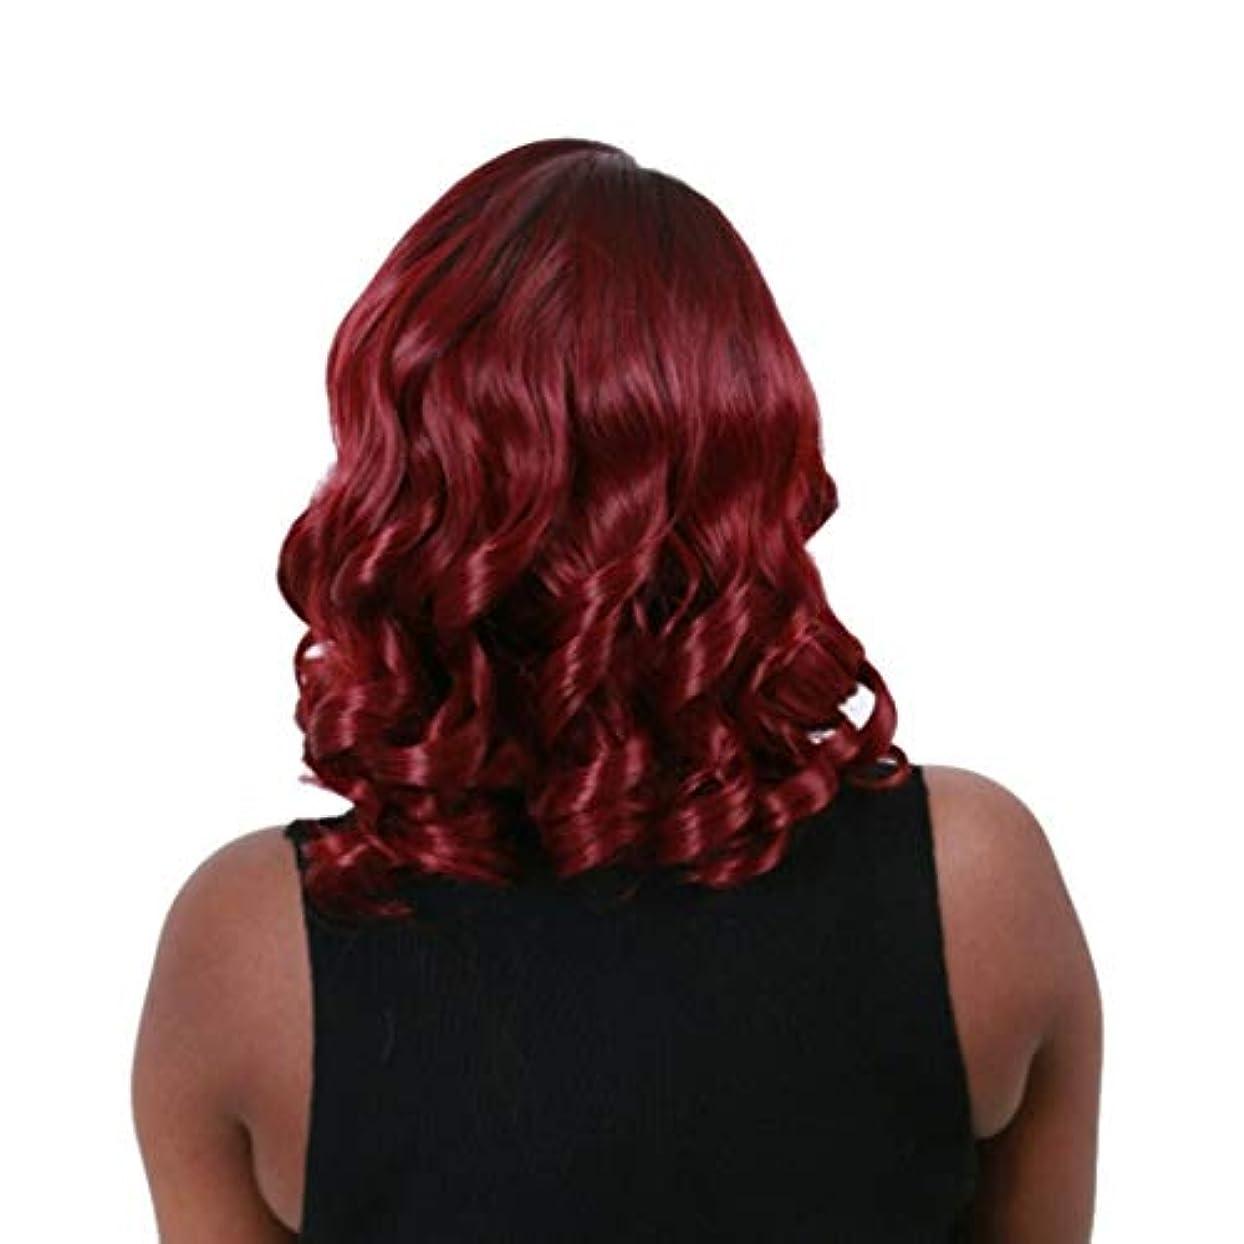 ボスカートリッジ市民Kerwinner かつら女性のための傾斜前髪ショートカーリーヘアーワインレッド高温シルクウィッグ